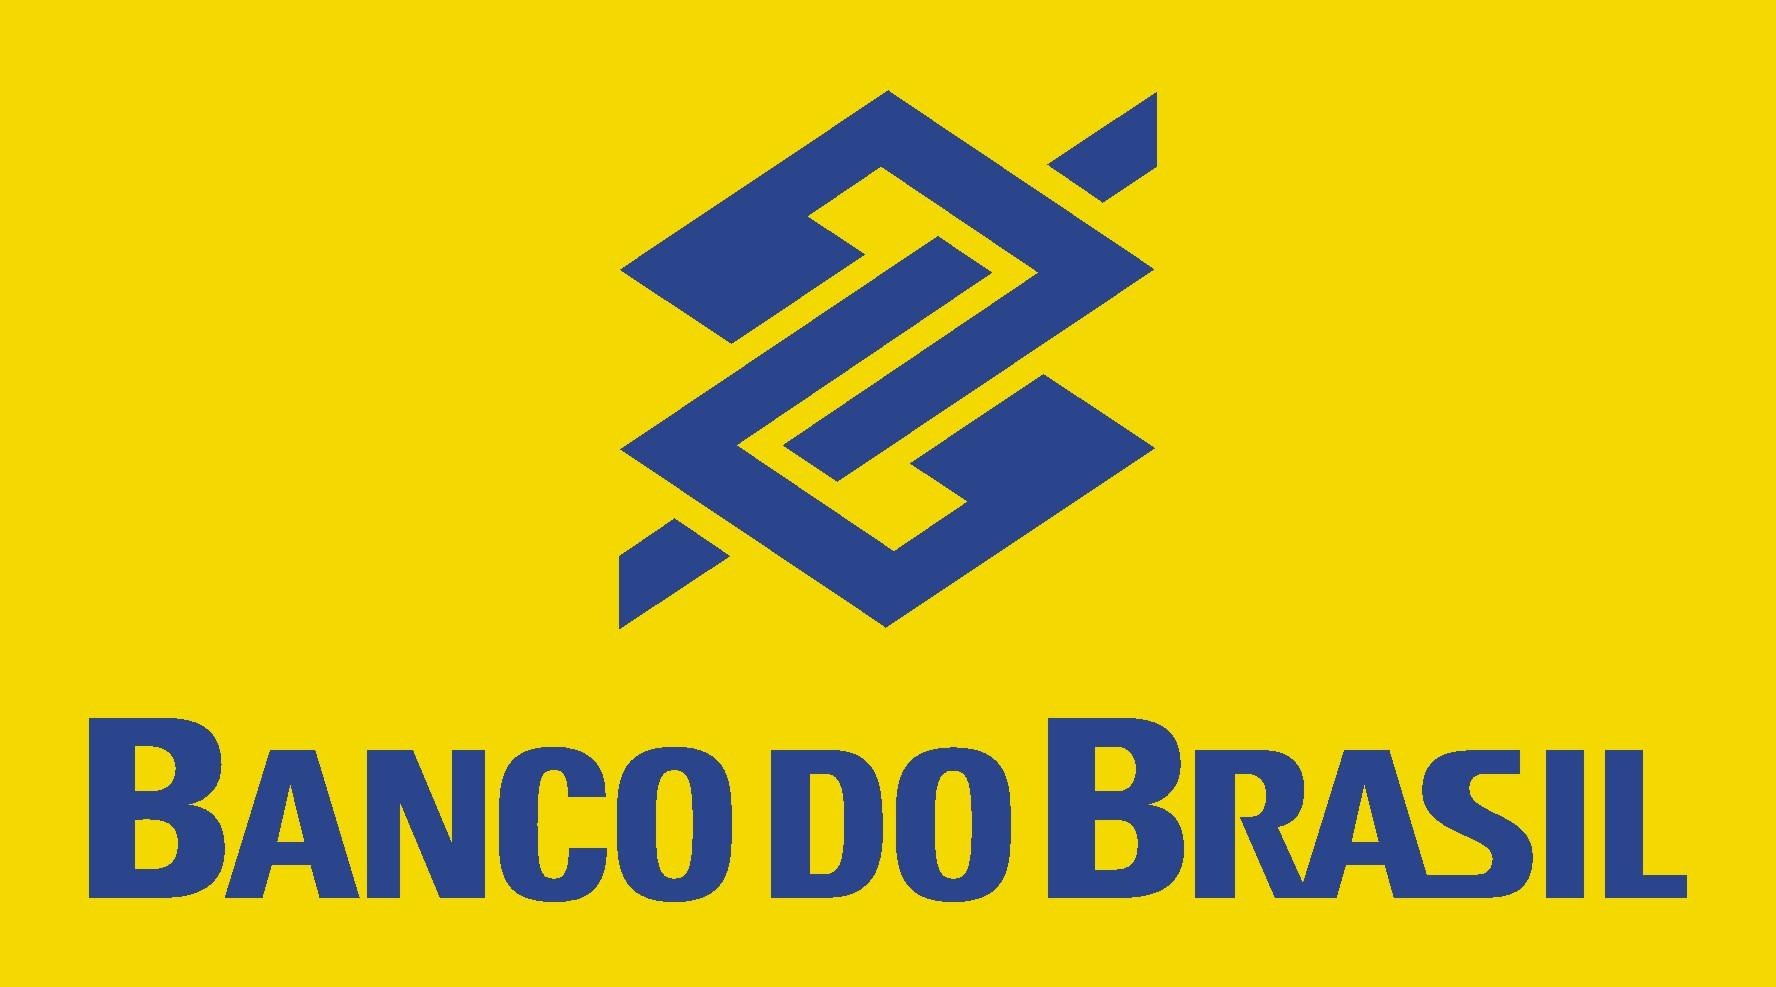 bb-logo1-81221518.jpg